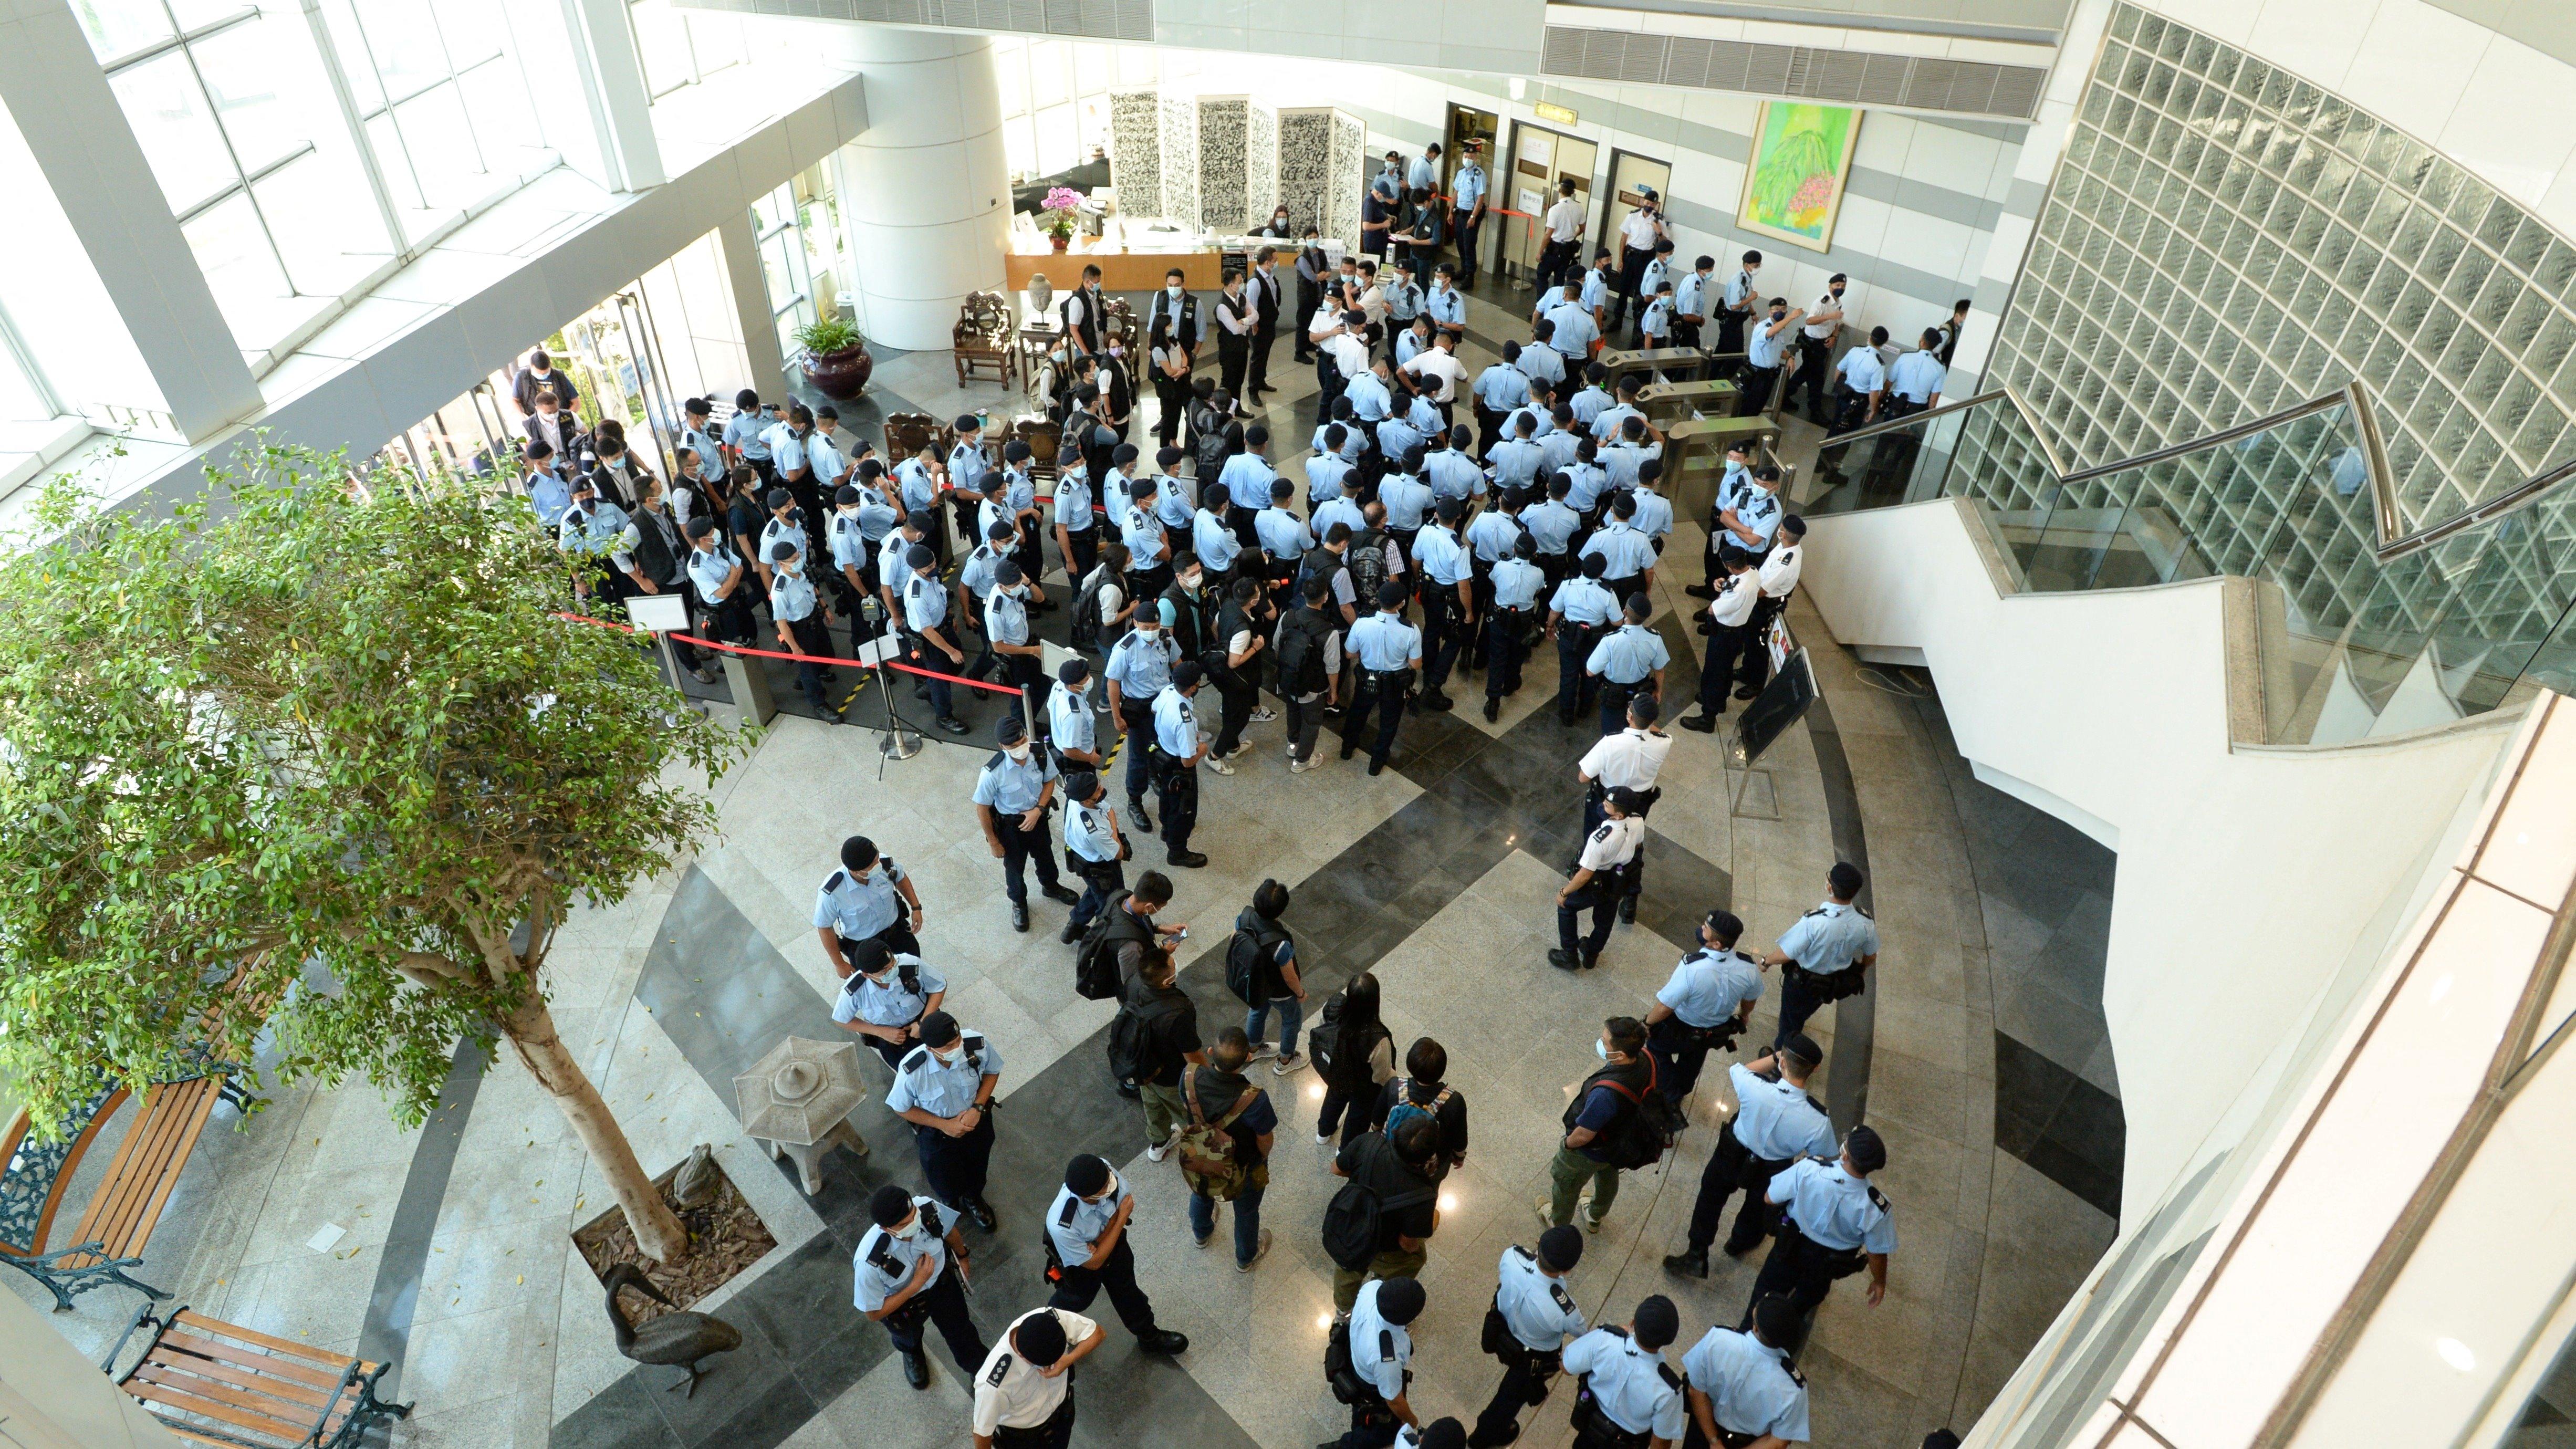 500 rendőr szállta meg a legnagyobb demokráciapárti újság szerkesztőségét Hongkongban